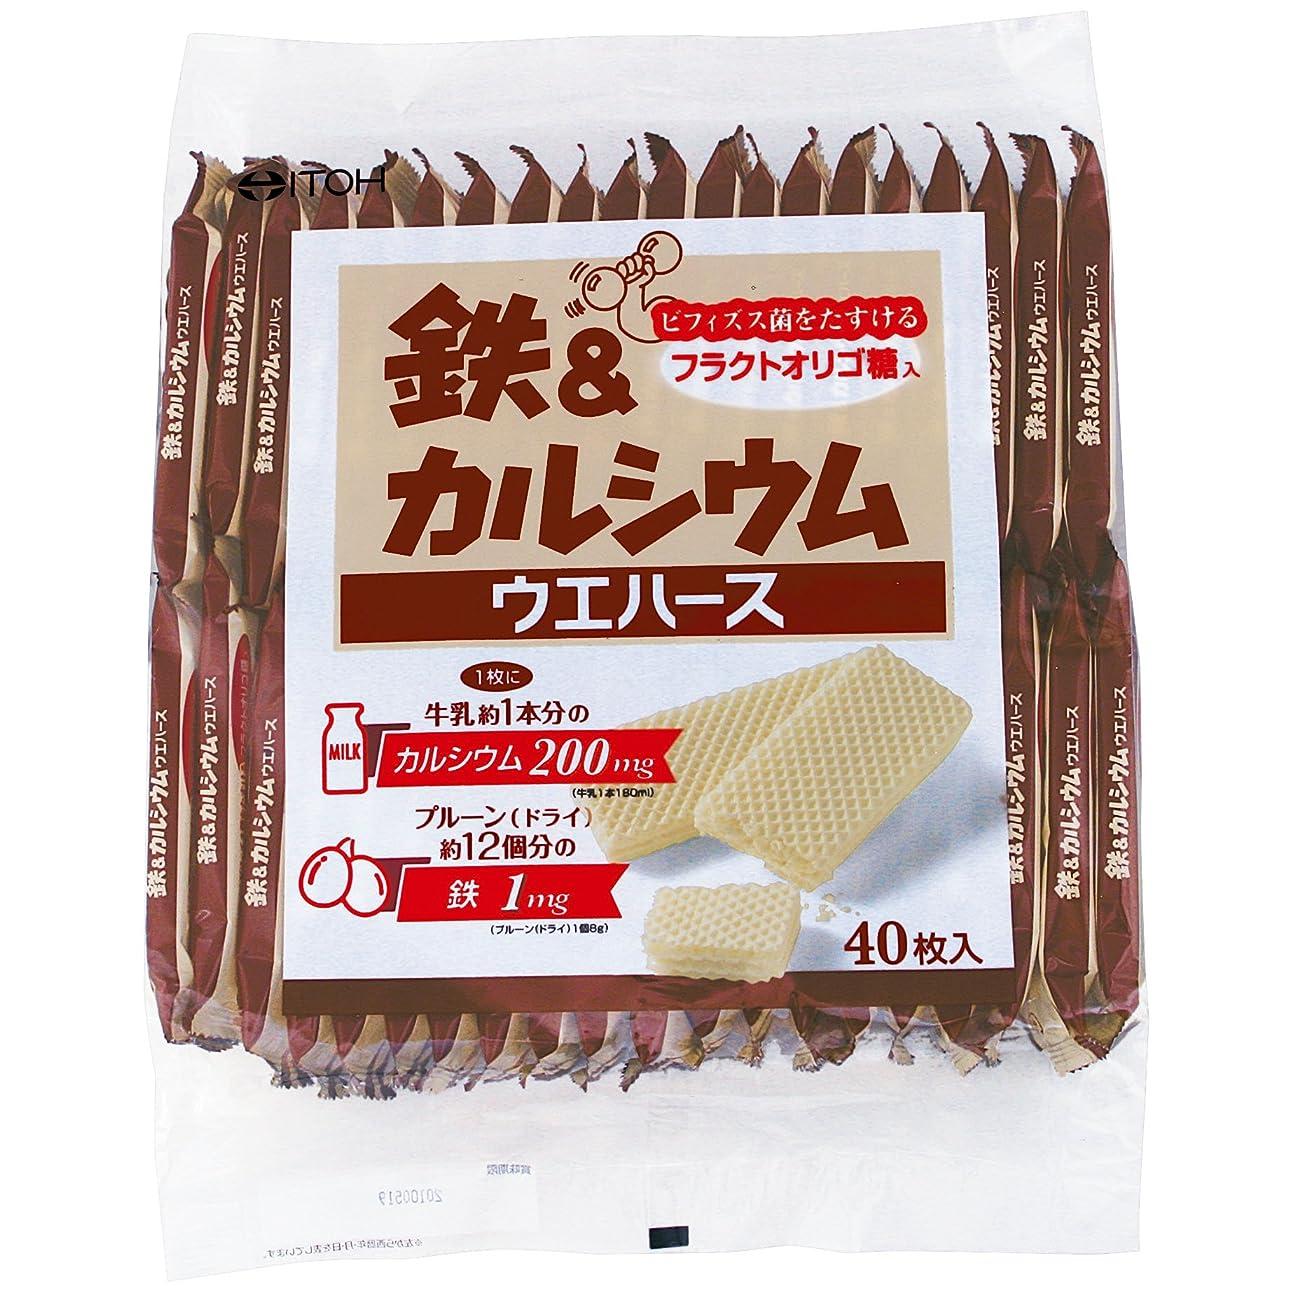 干渉する正しいアライメント井藤漢方製薬 鉄&カルシウムウエハース 40枚